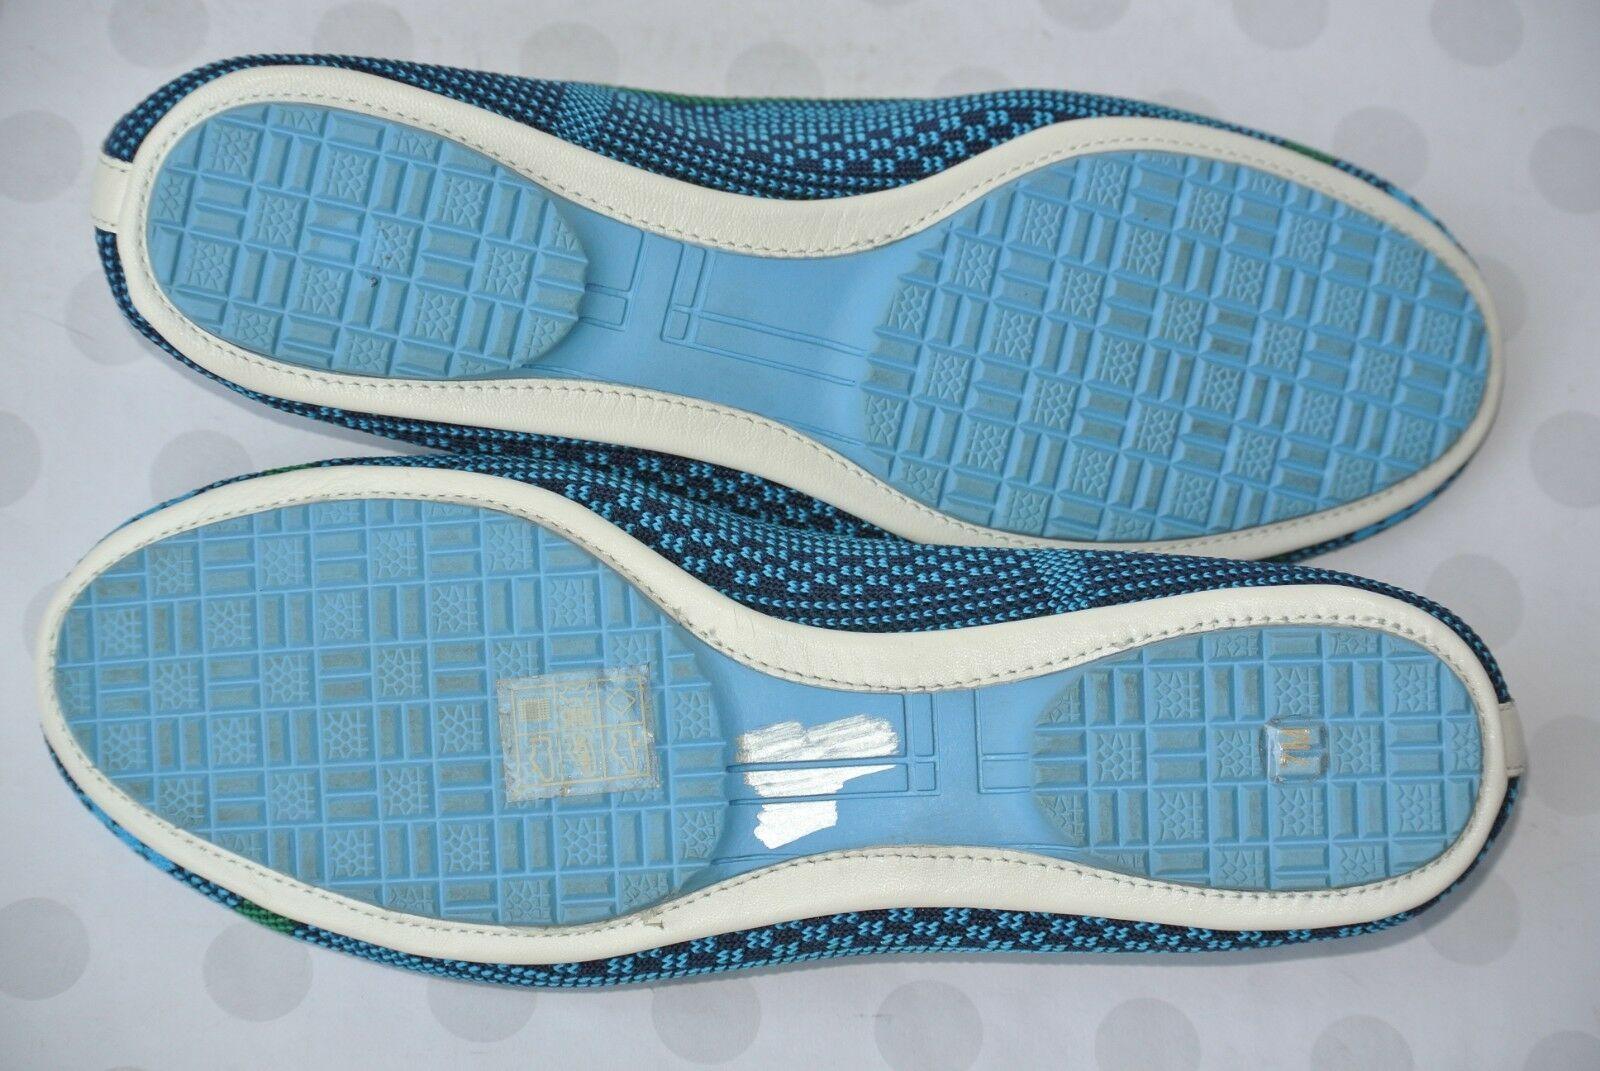 Tory Burch Sport Womens Sz 7 M Blue & Green Knit Textile Ballet Flats NICE!